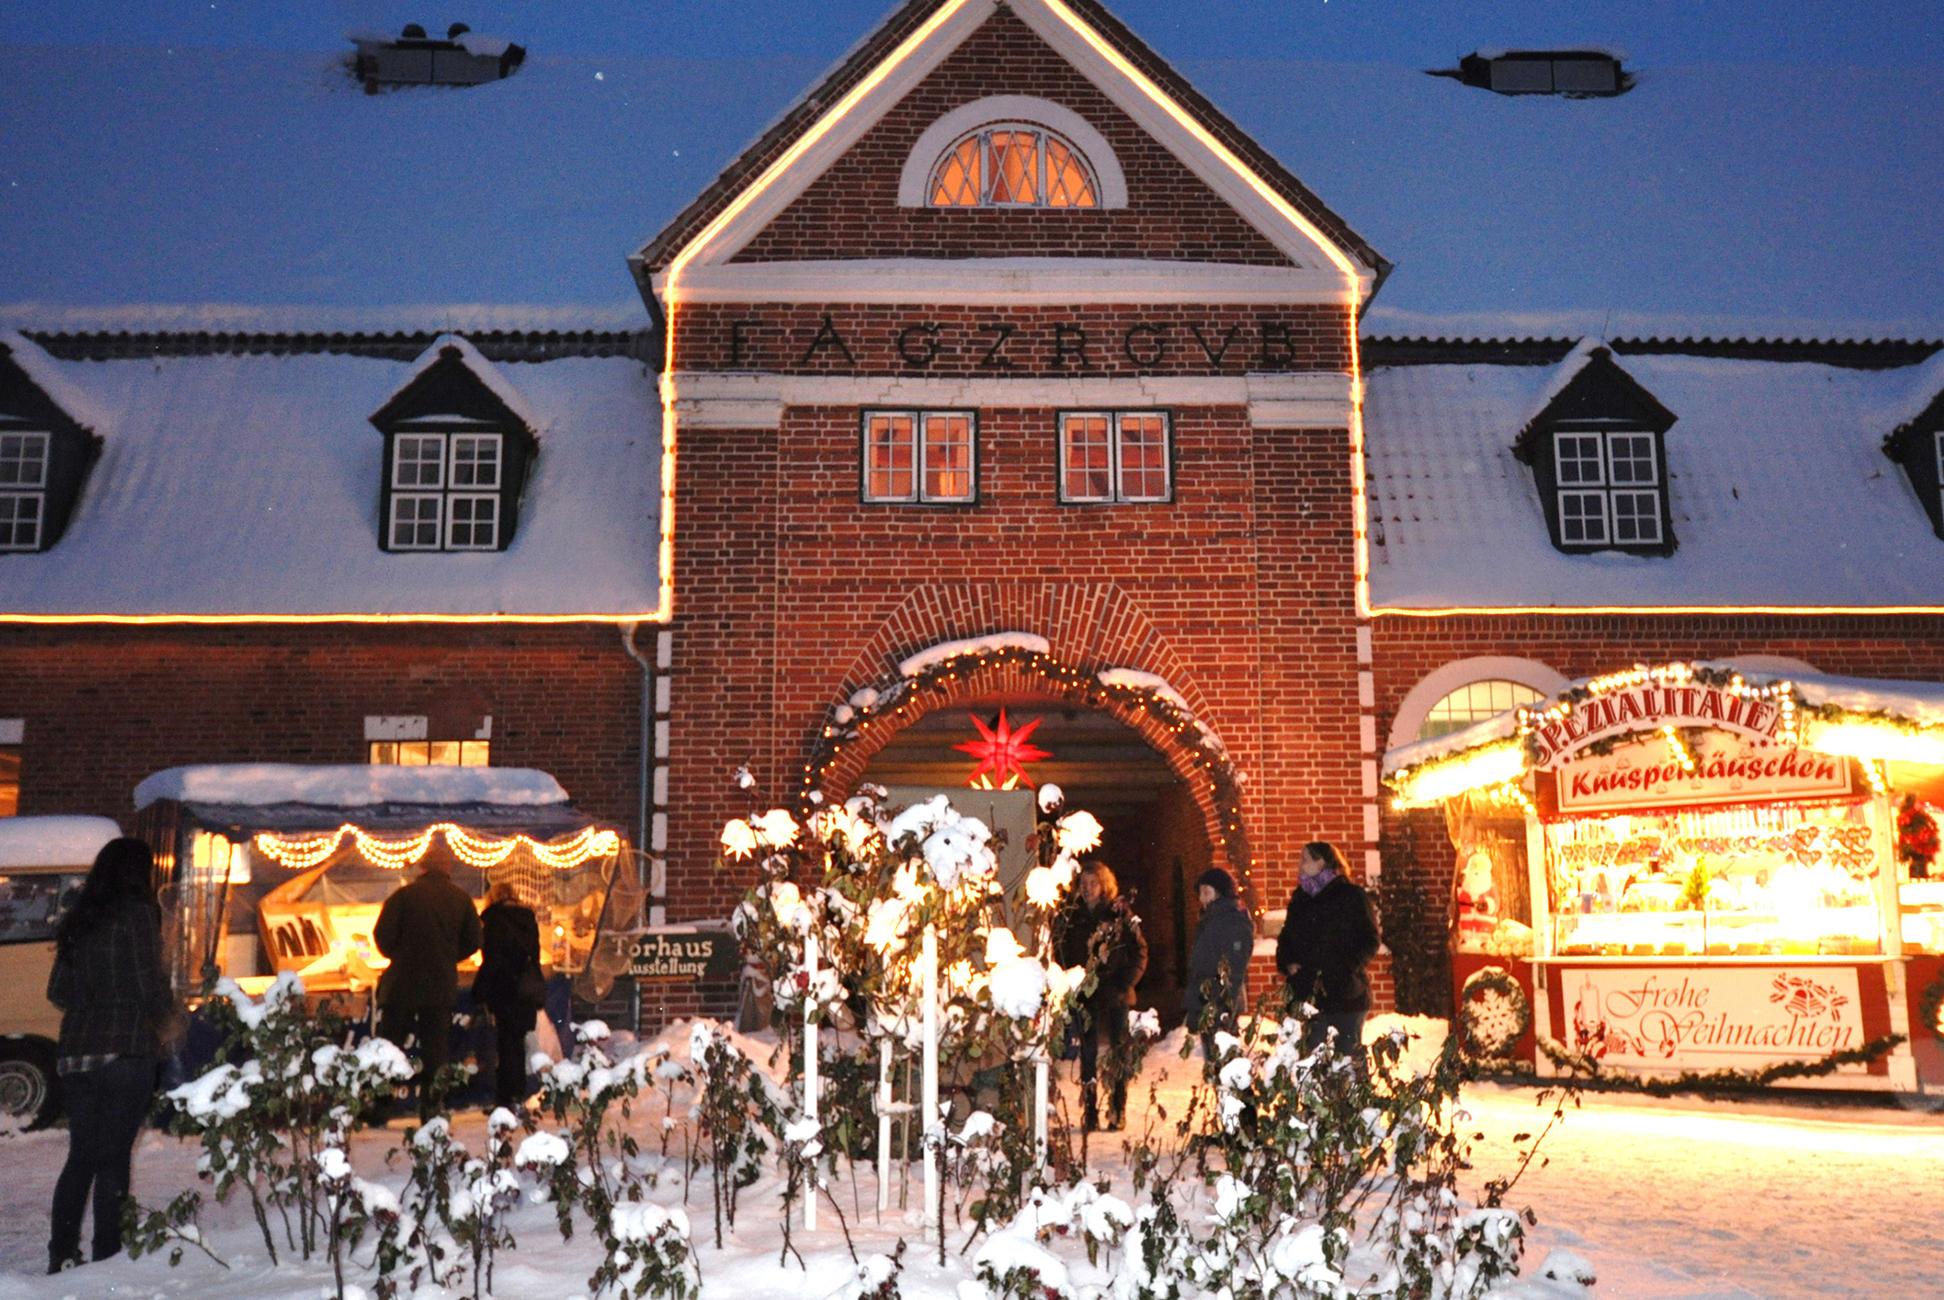 Pohnsdorf Weihnachtsmarkt.Galerie Pronstorfer Weihnachtsmarkt